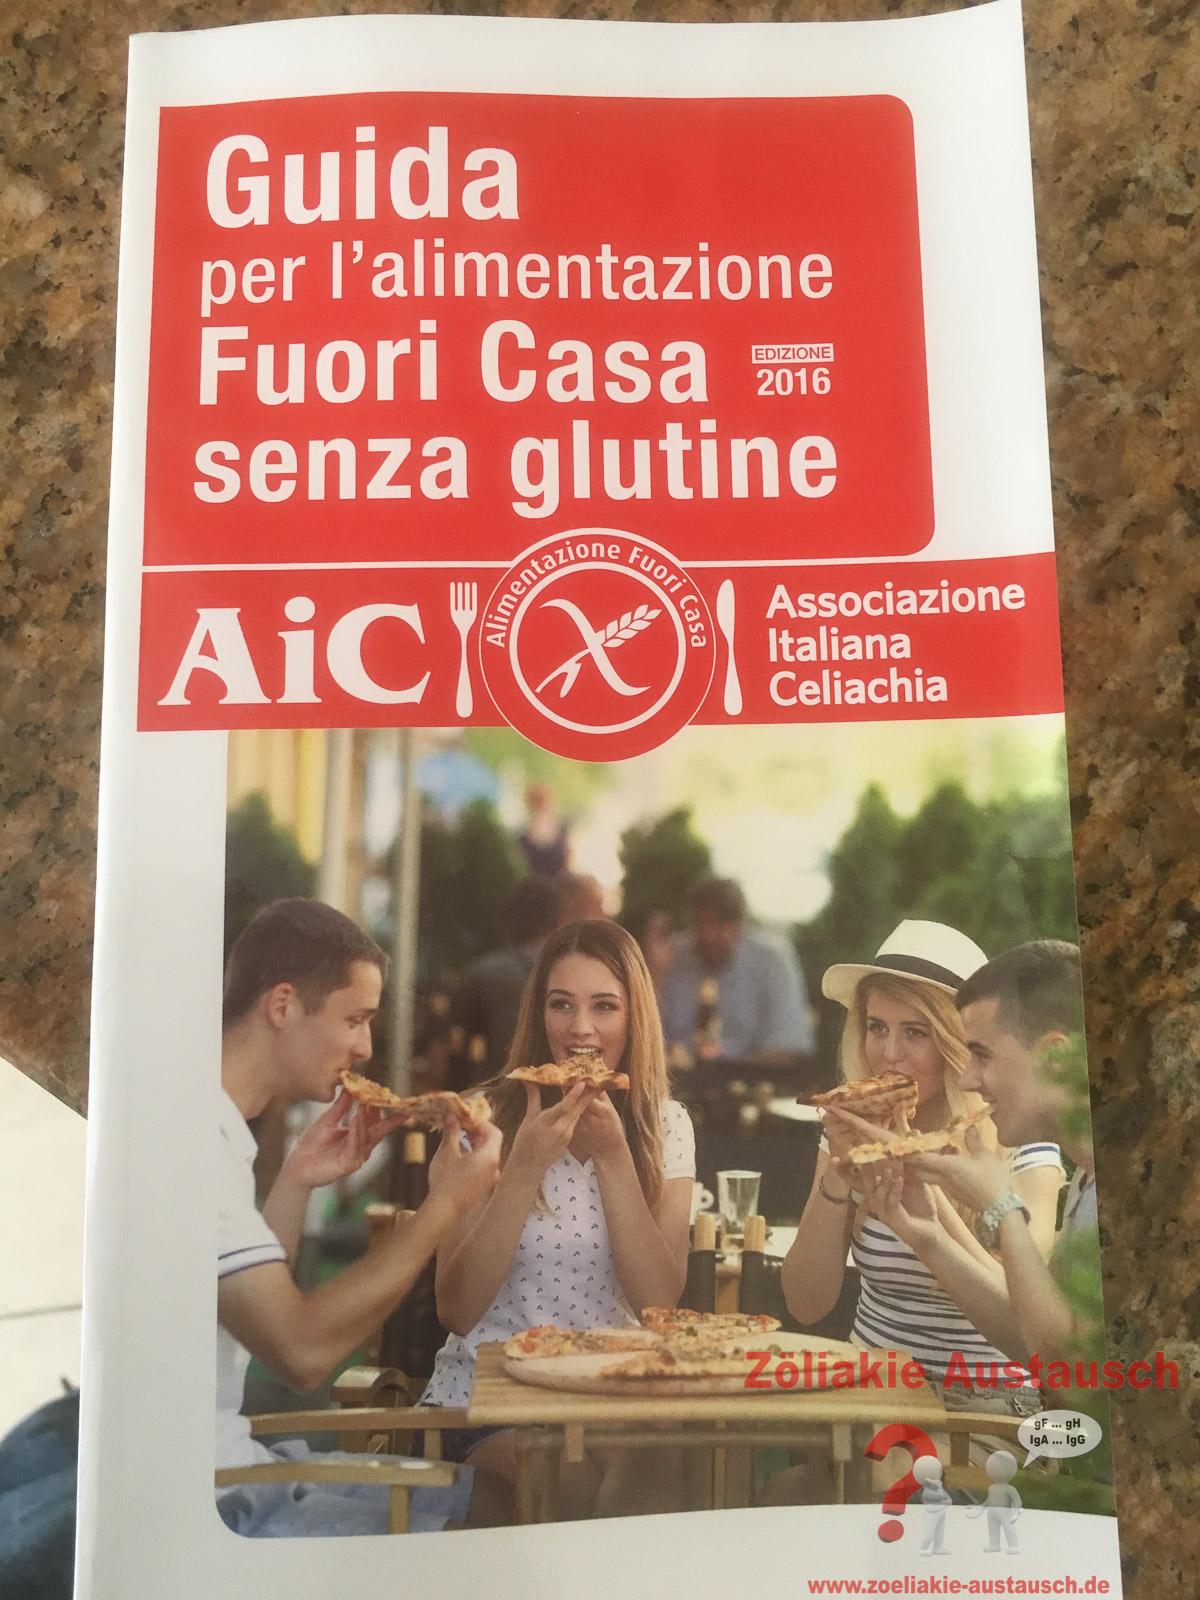 Zoeliakie_Austausch_Italien_2016_05_IMG_2637